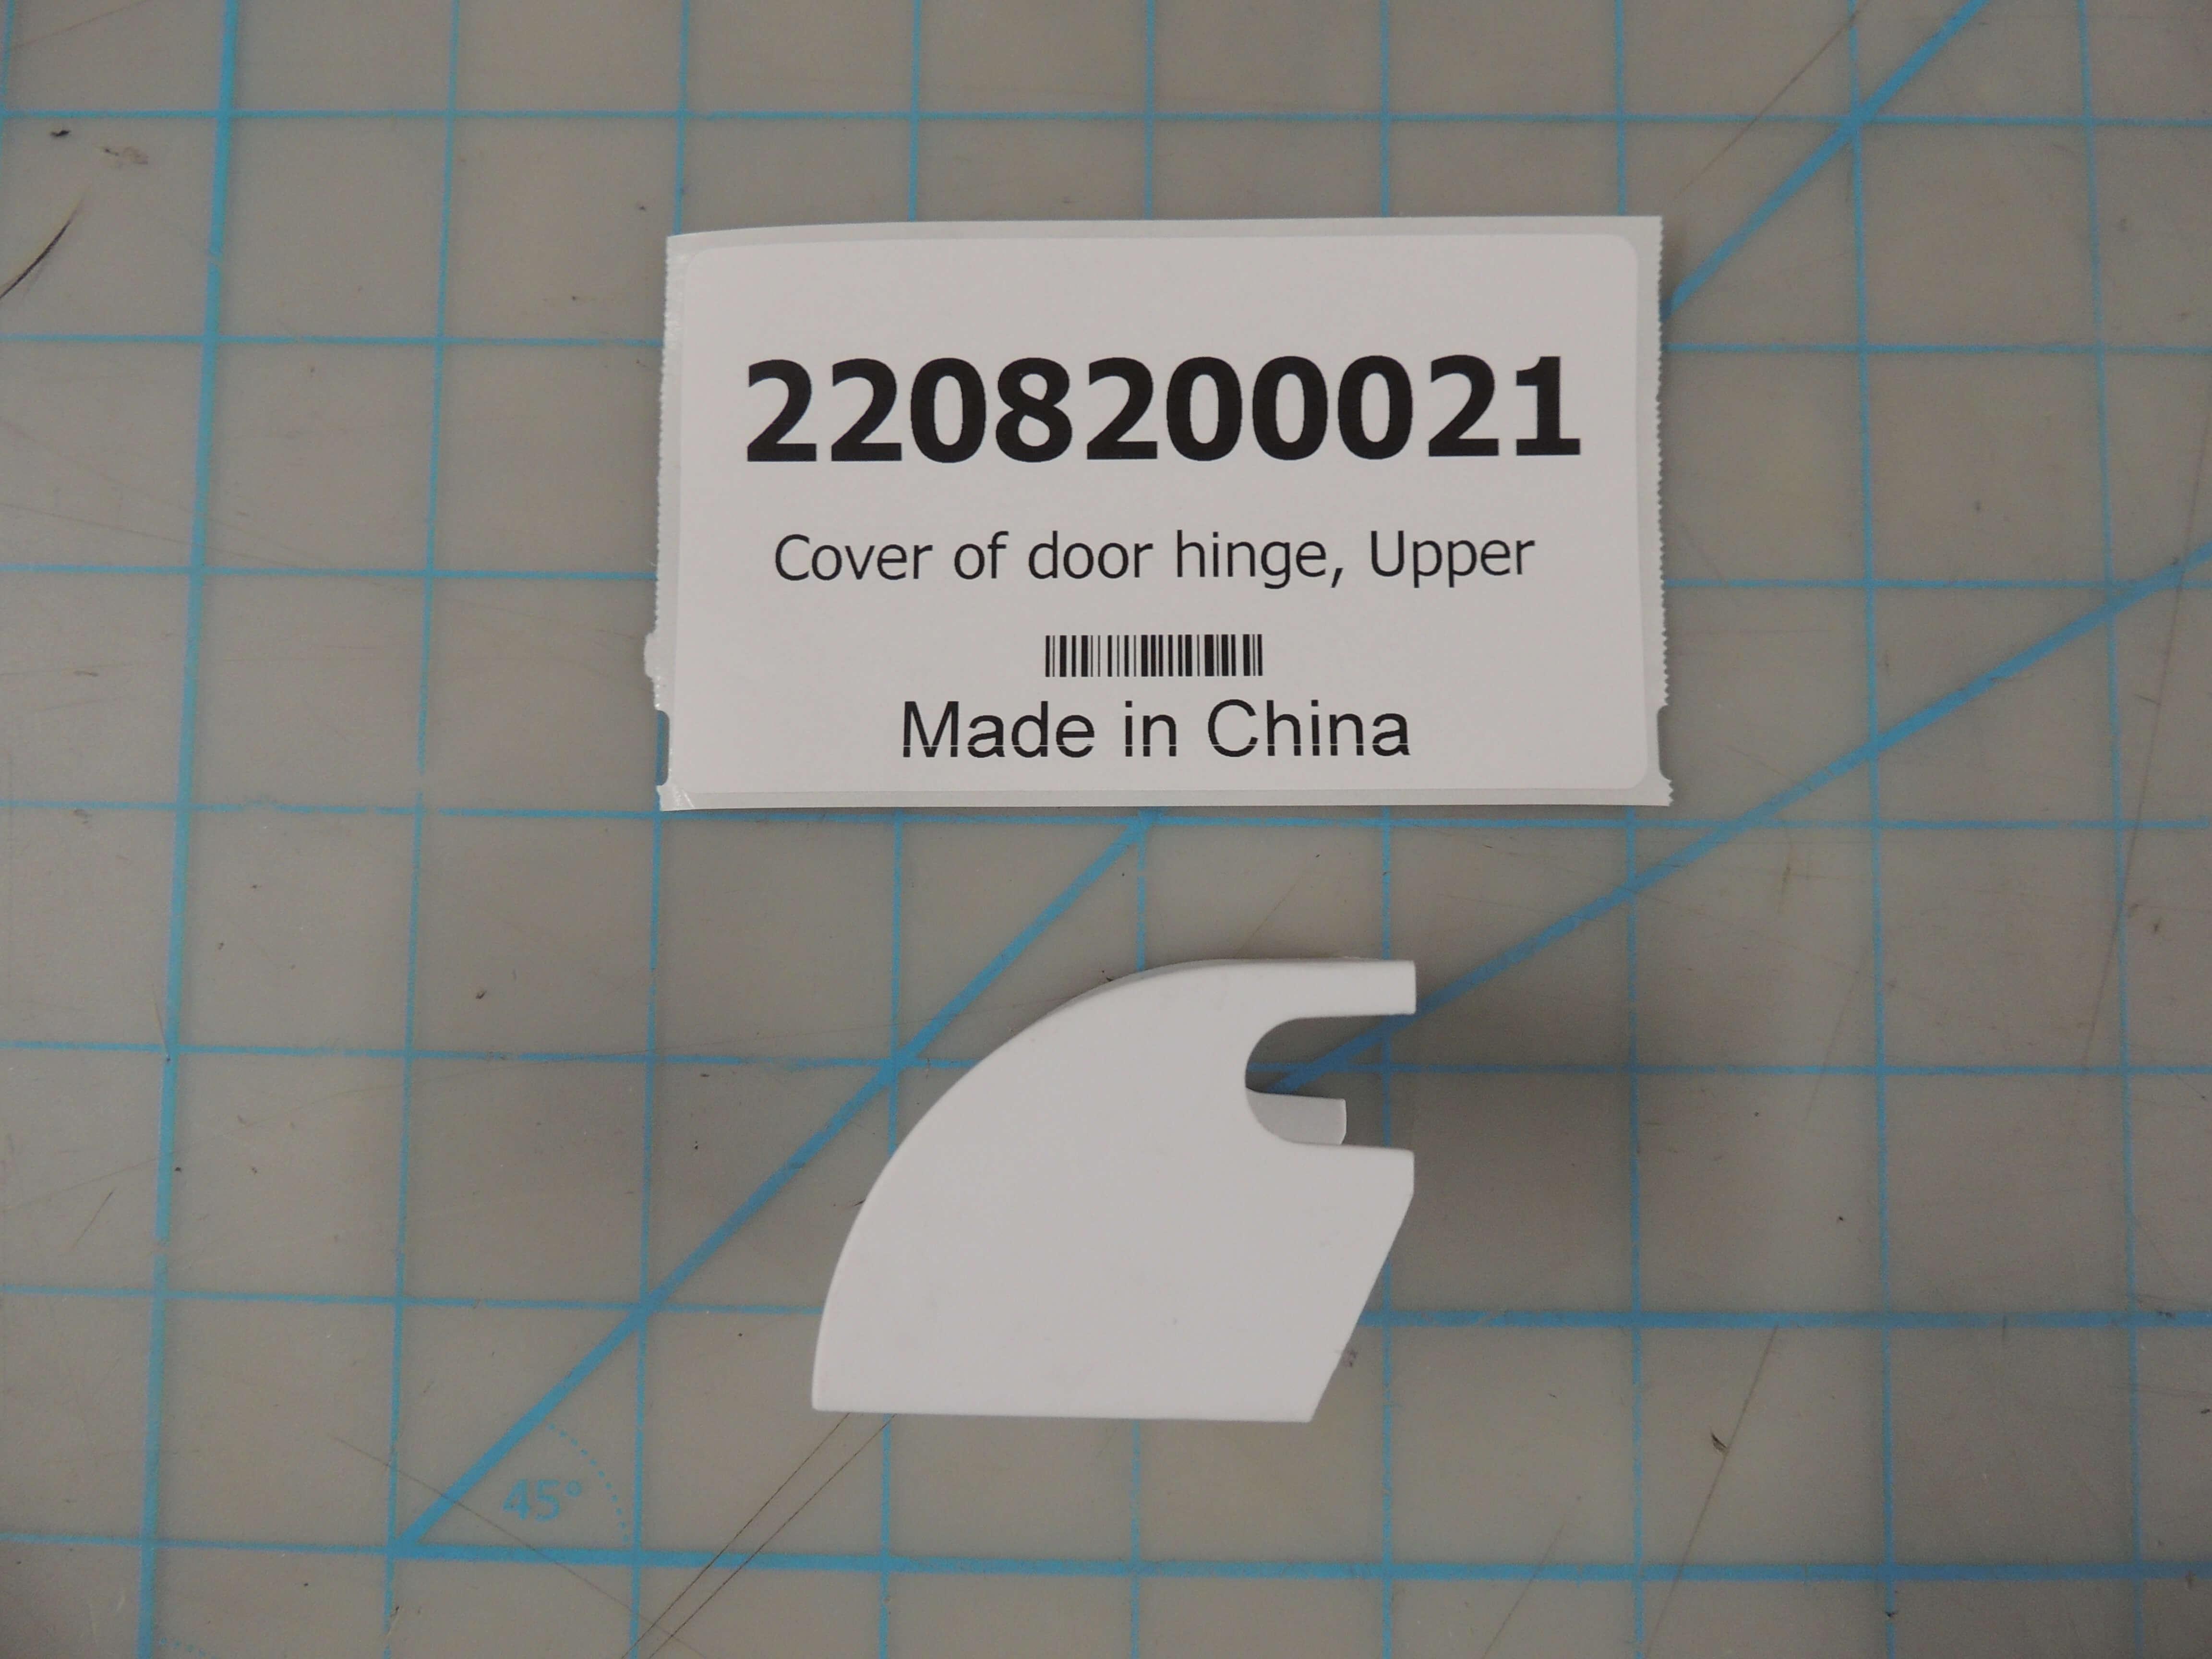 Cover of door hinge, Upper